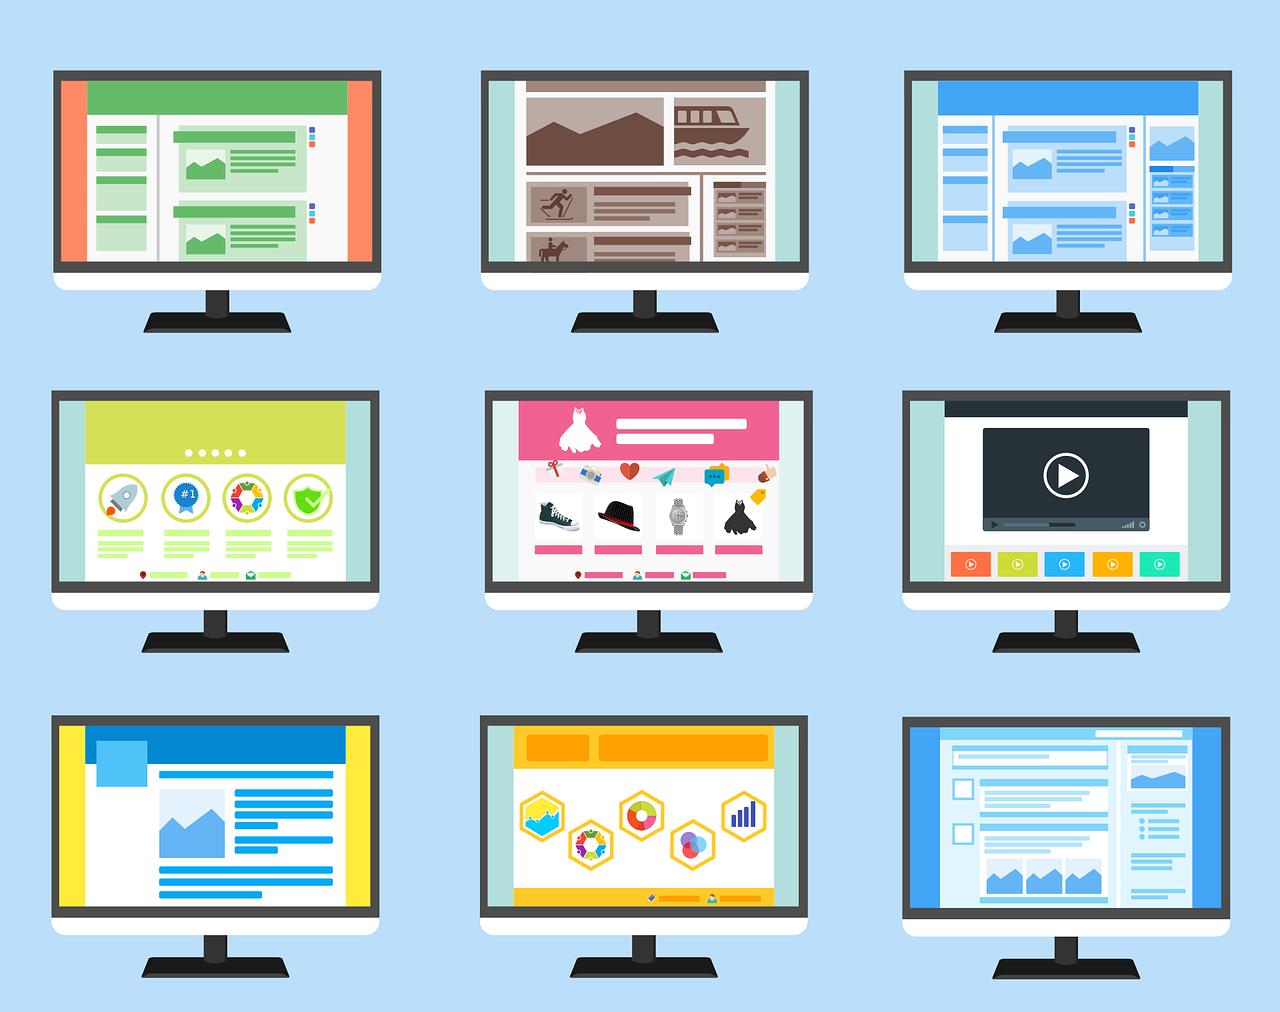 9 Ways to Improve your Website in 2019